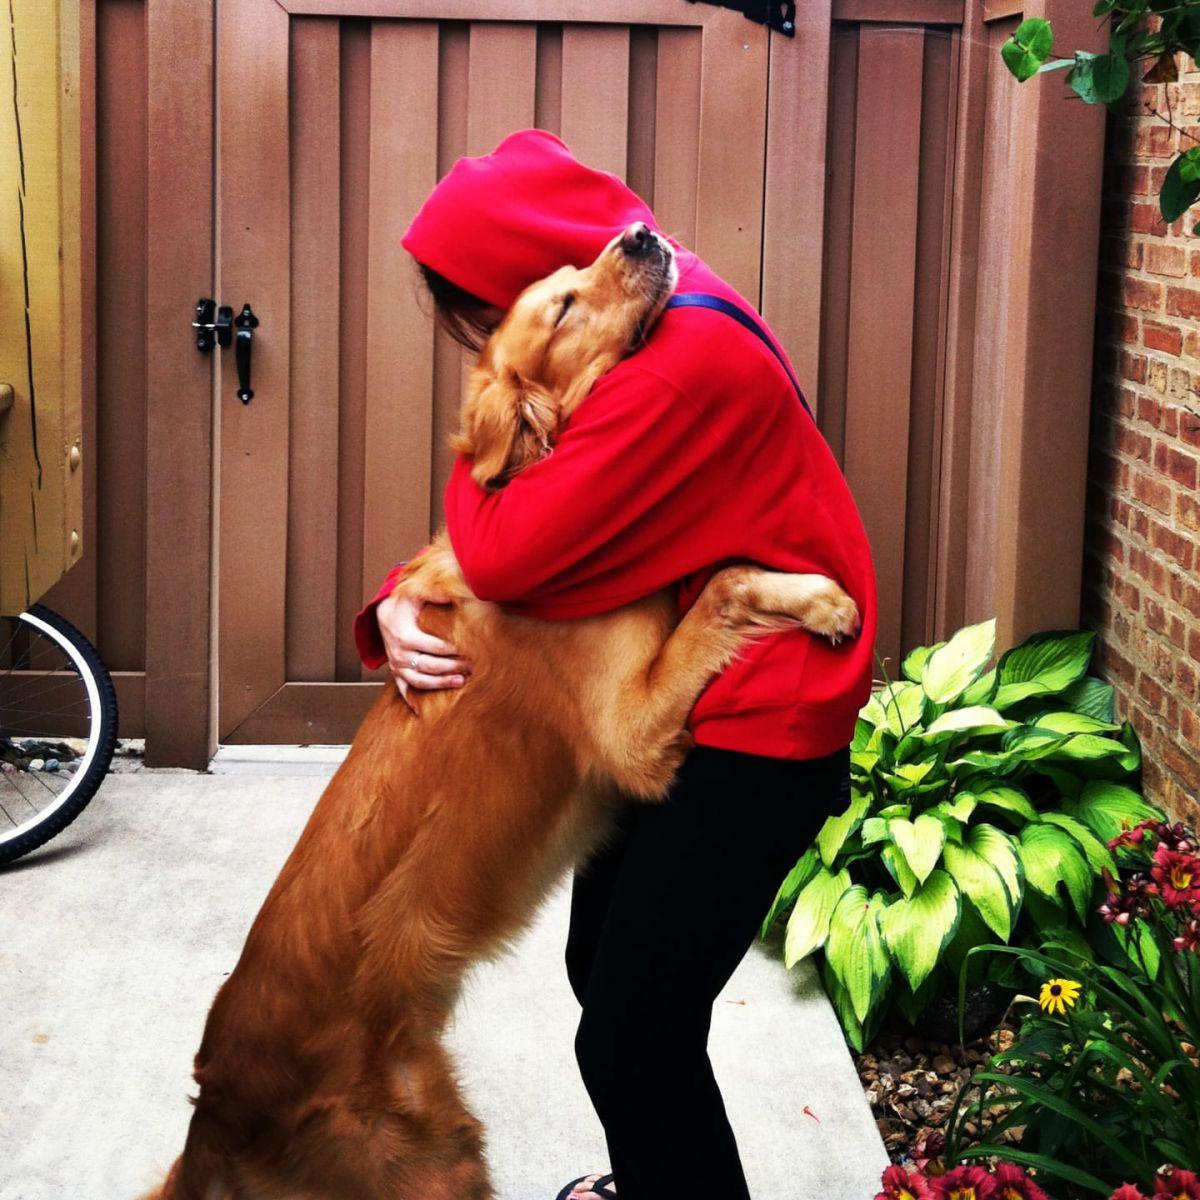 Kutyák, akik az adott pillanat érzését öleléssel tudták kifejezni